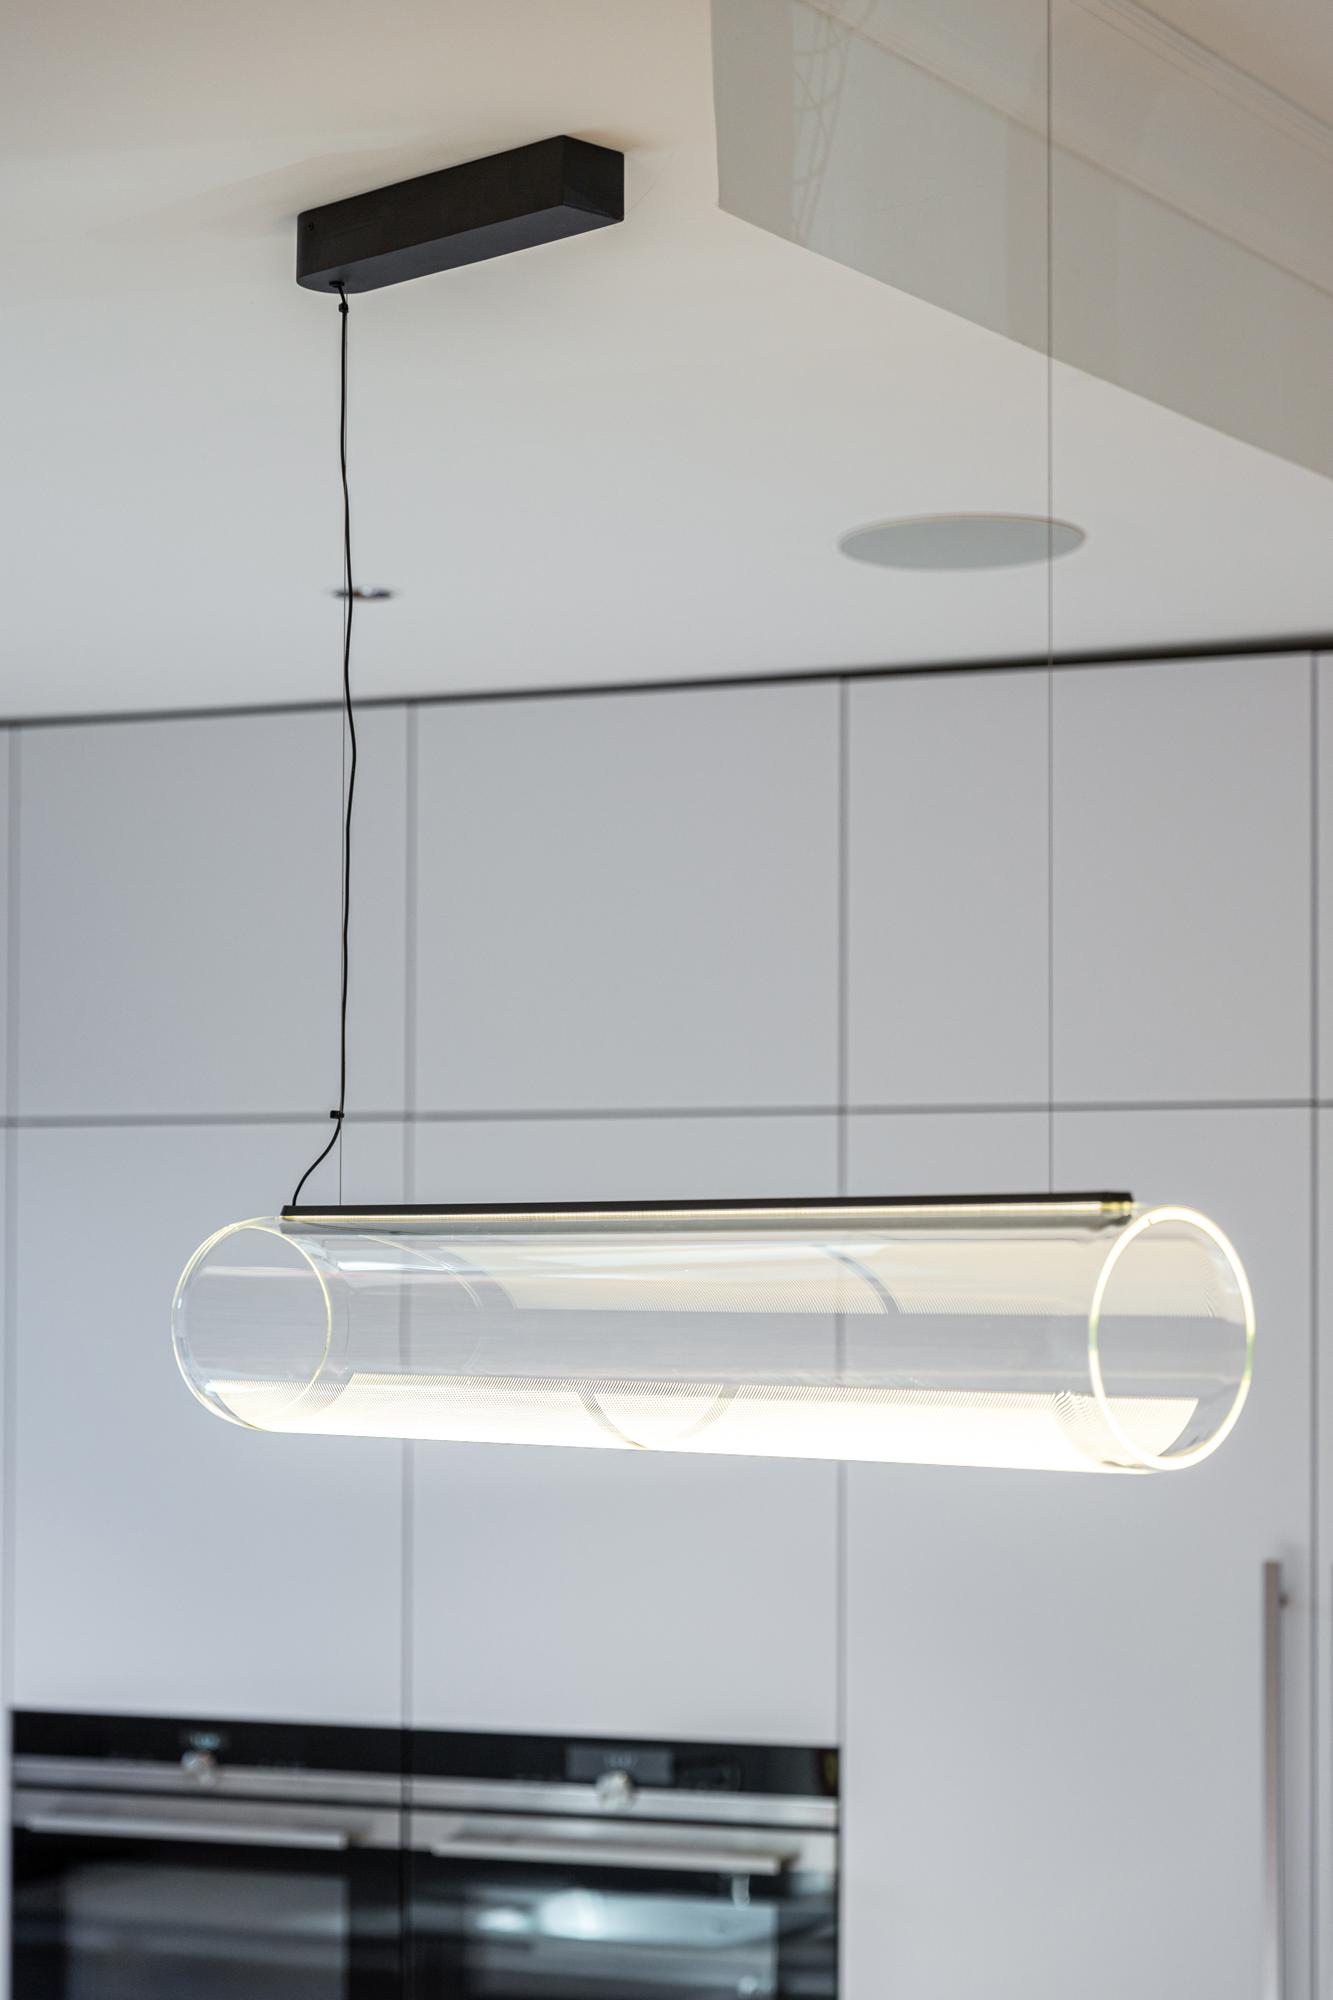 Photographie d'intérieur et de design d'une lampe en forme de tube dans une cuisine